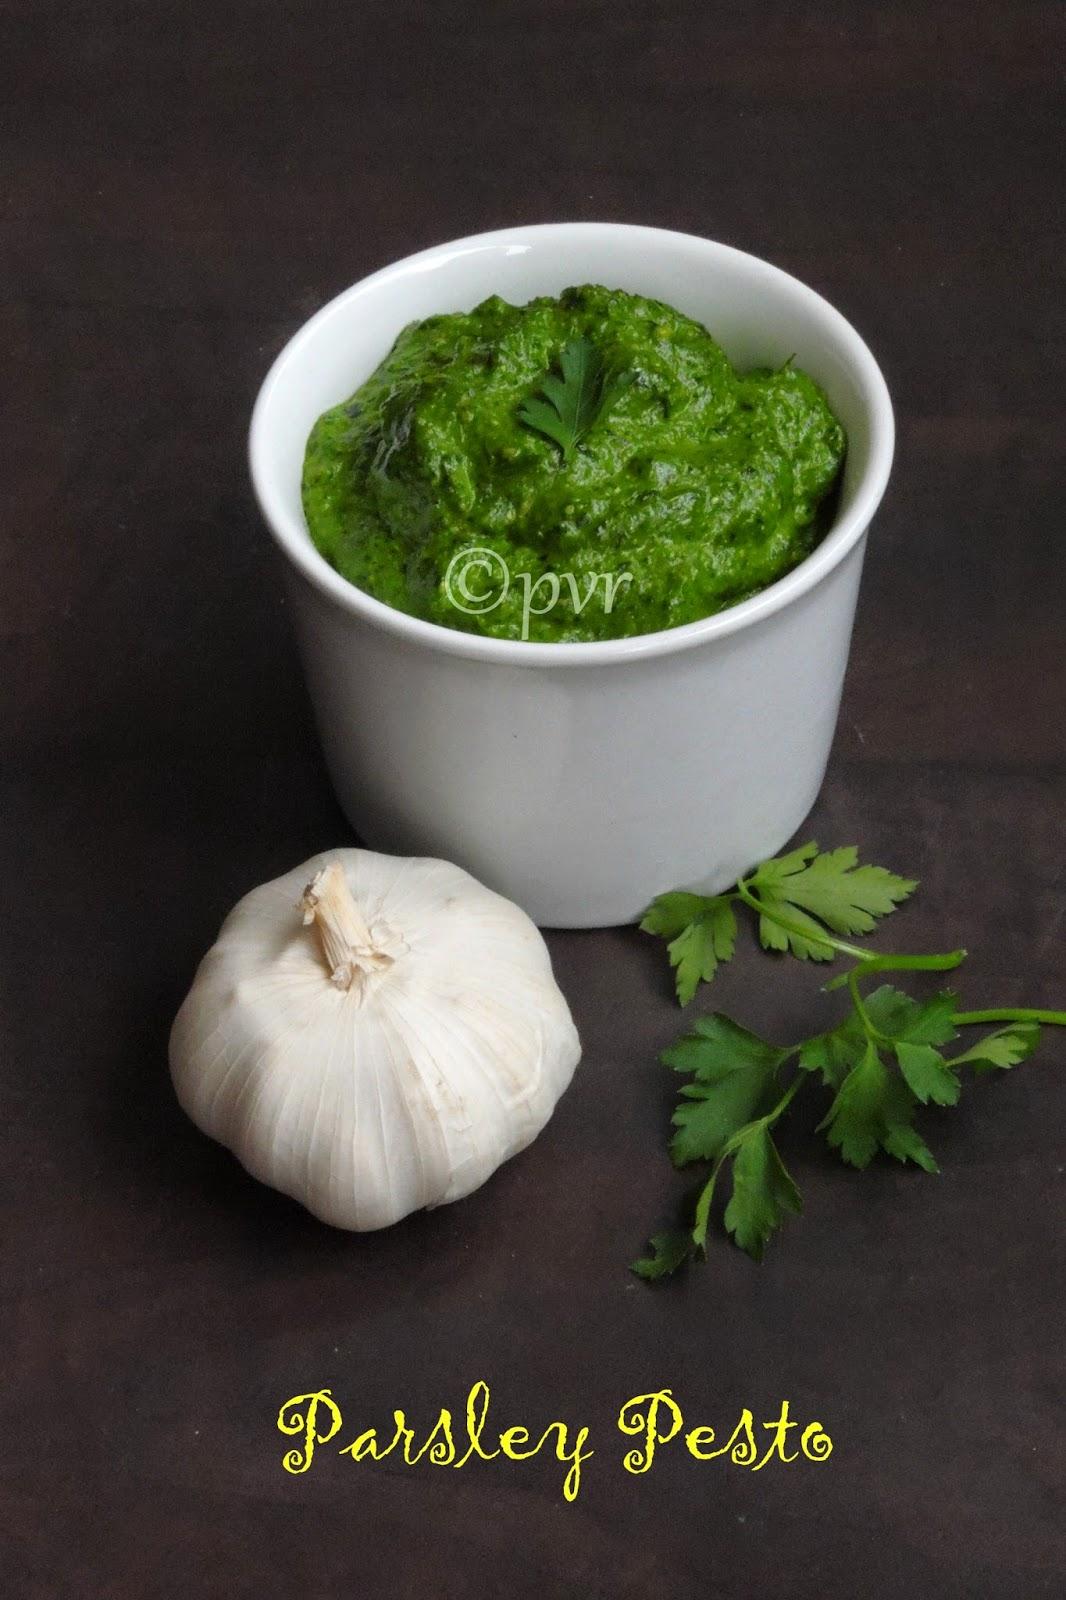 Garlicky parsley pesto